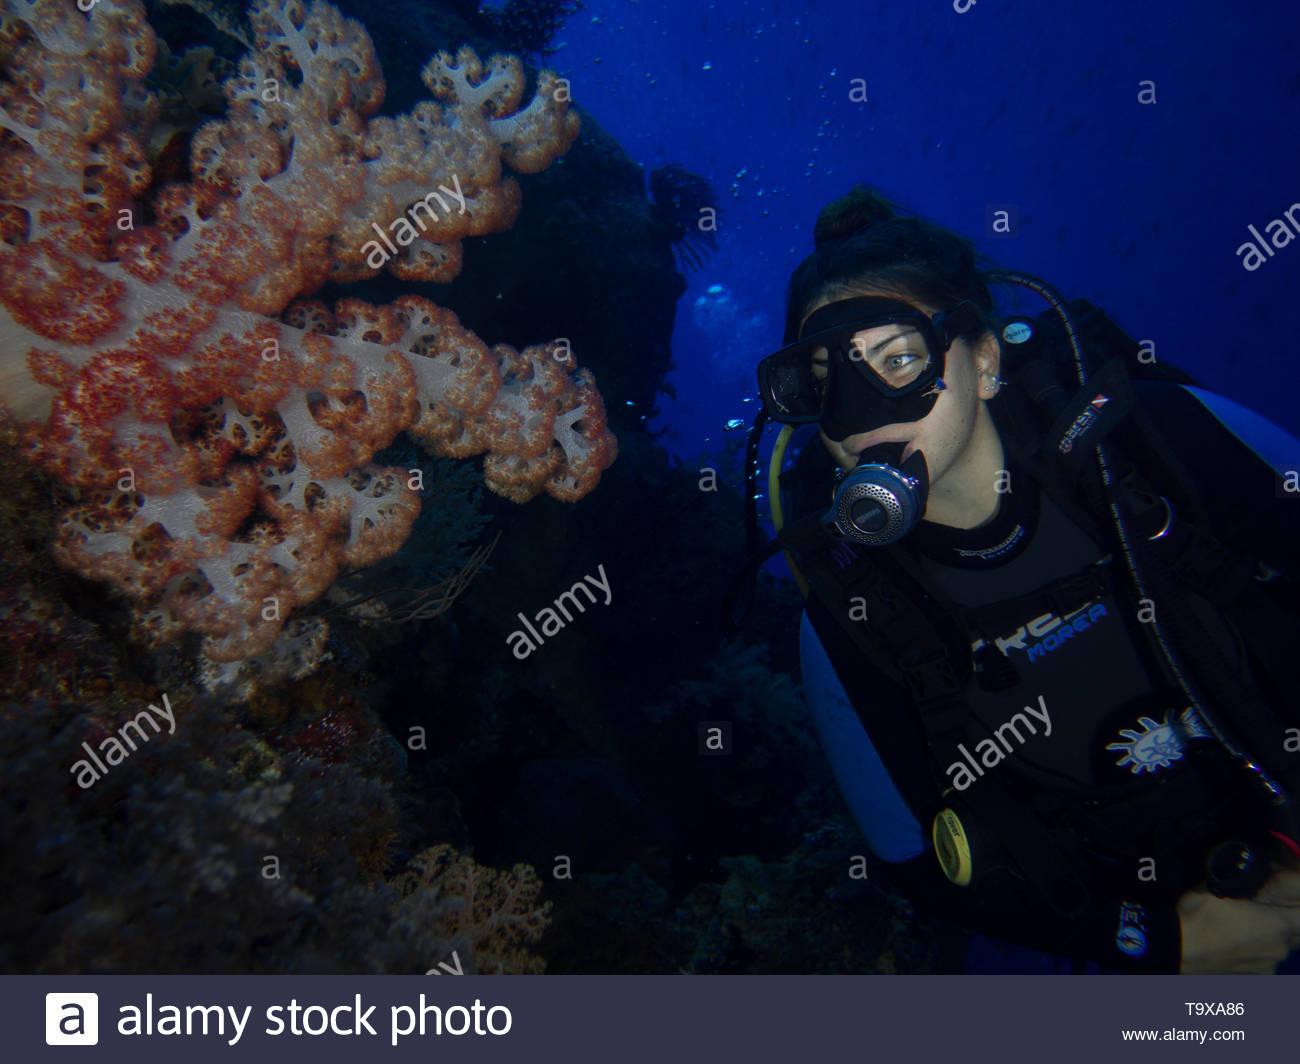 Donna scuba diver (esistente modello di rilascio) e soft coral underwater godendo la barriera corallina del Parco Nazionale di Bunaken, Sulawesi, Indonesia Immagini Stock